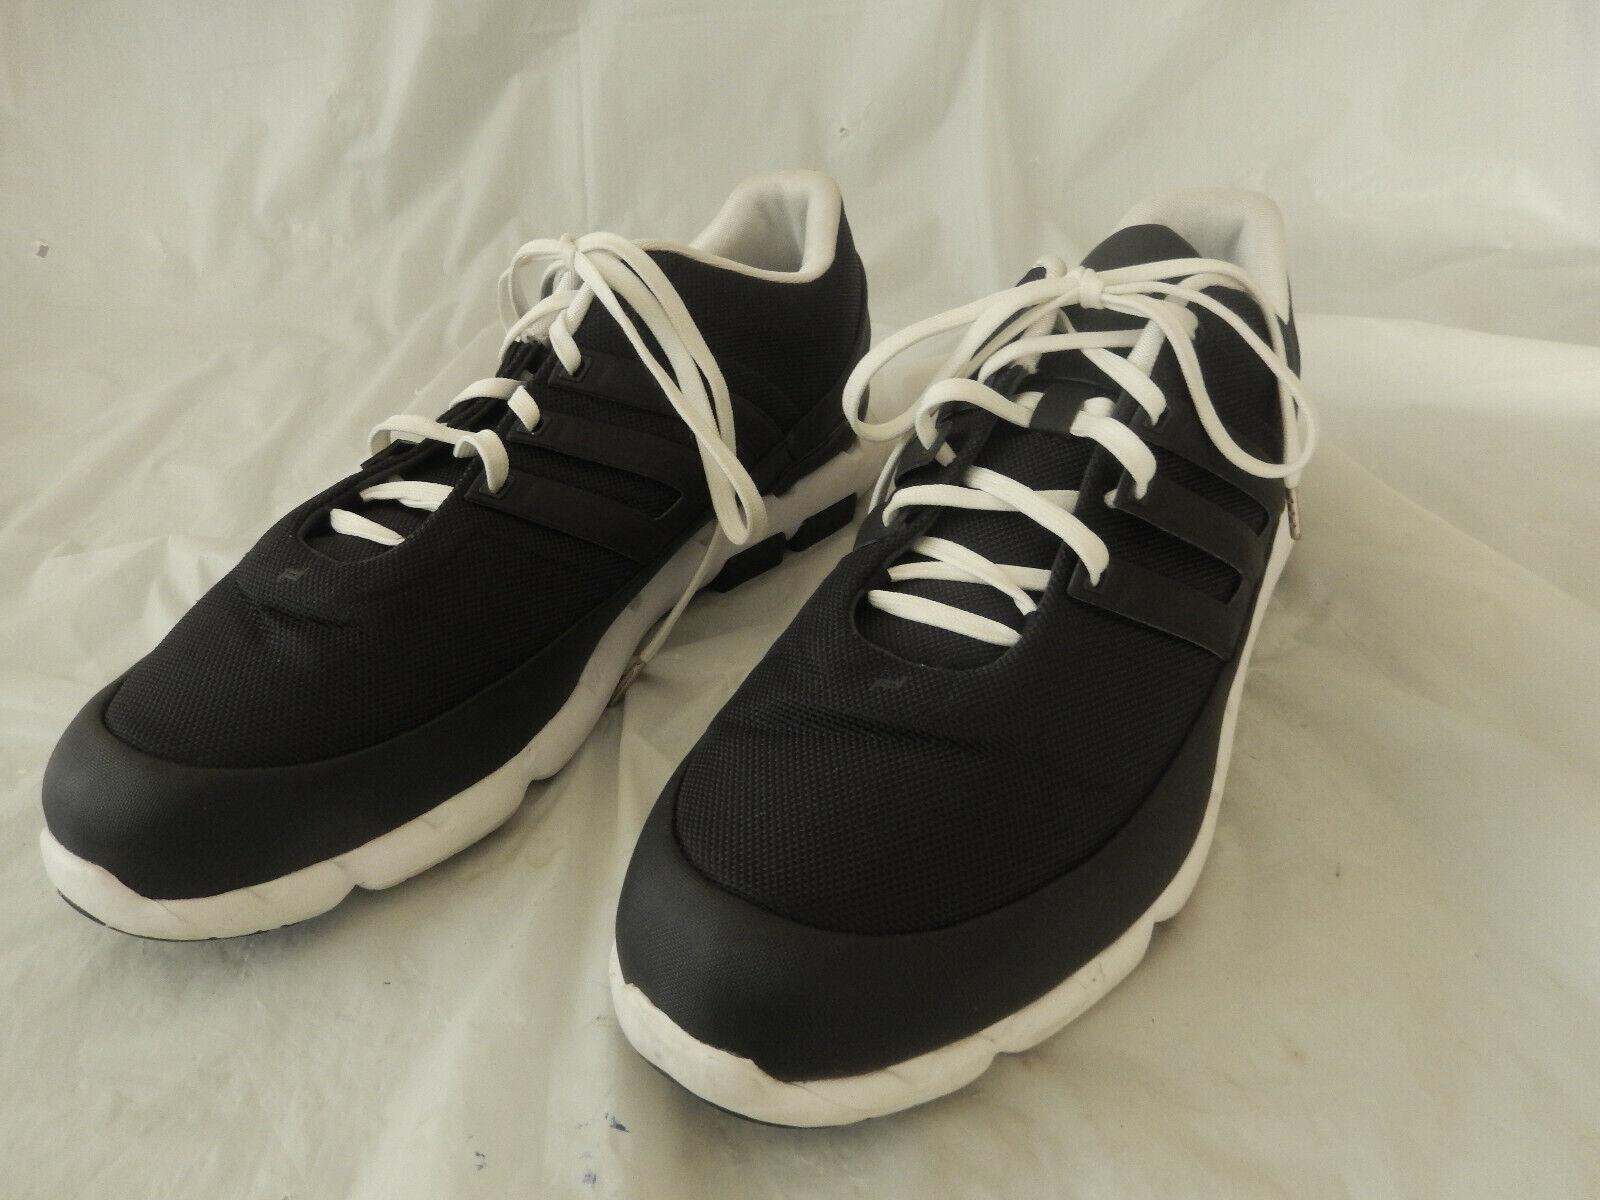 Adidas Porsche Design Sport Mens nero bianca scarpe  Dimensione US 12  consegna e reso gratuiti